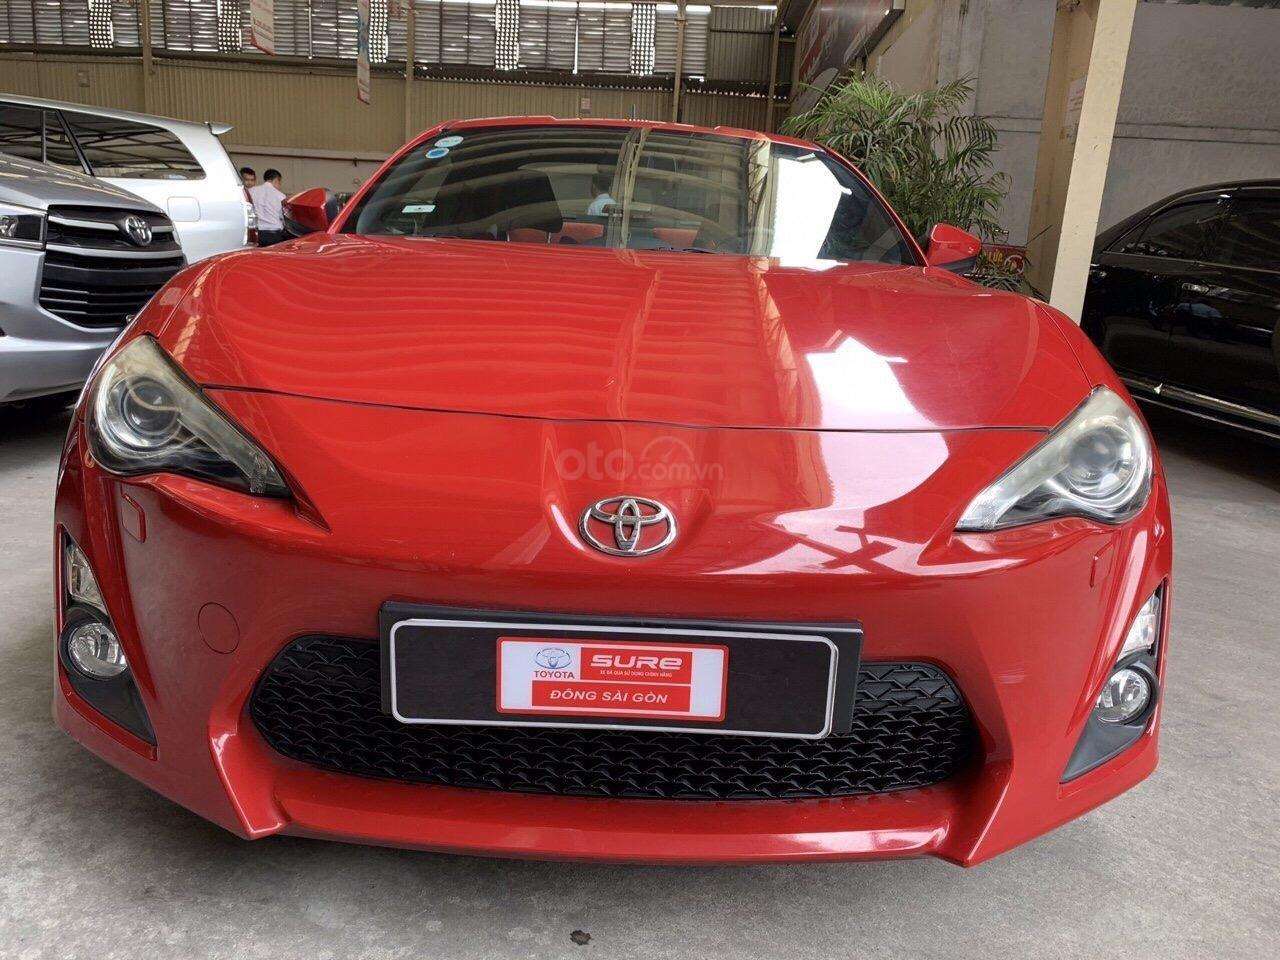 Bán Toyota FT86 Sport 2012 đăng ký 2015, xe nhập hãng Toyota, mẫu xe thể thao hiếm trên thị trường, bảo hành chính hãng (3)